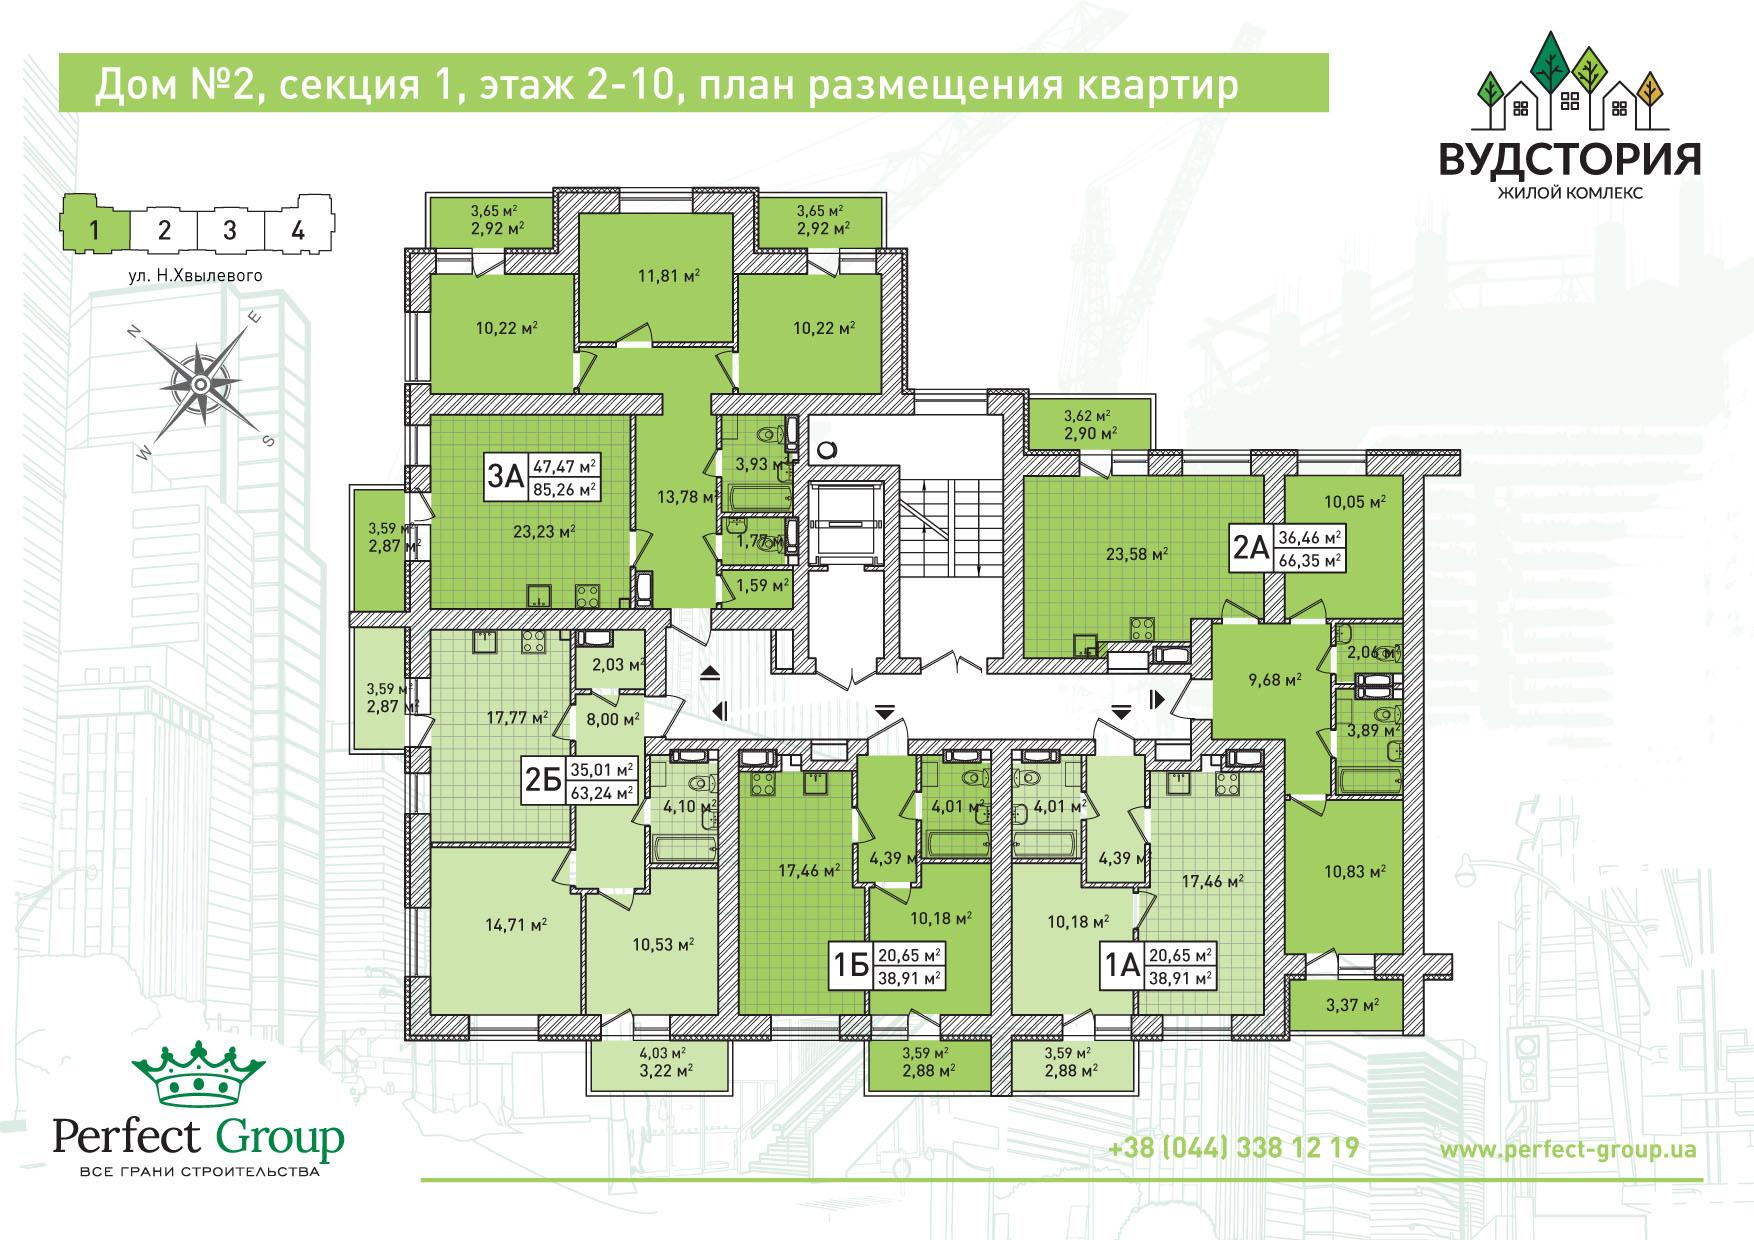 Группа ЭТС  комплексные инженерные услуги в сфере